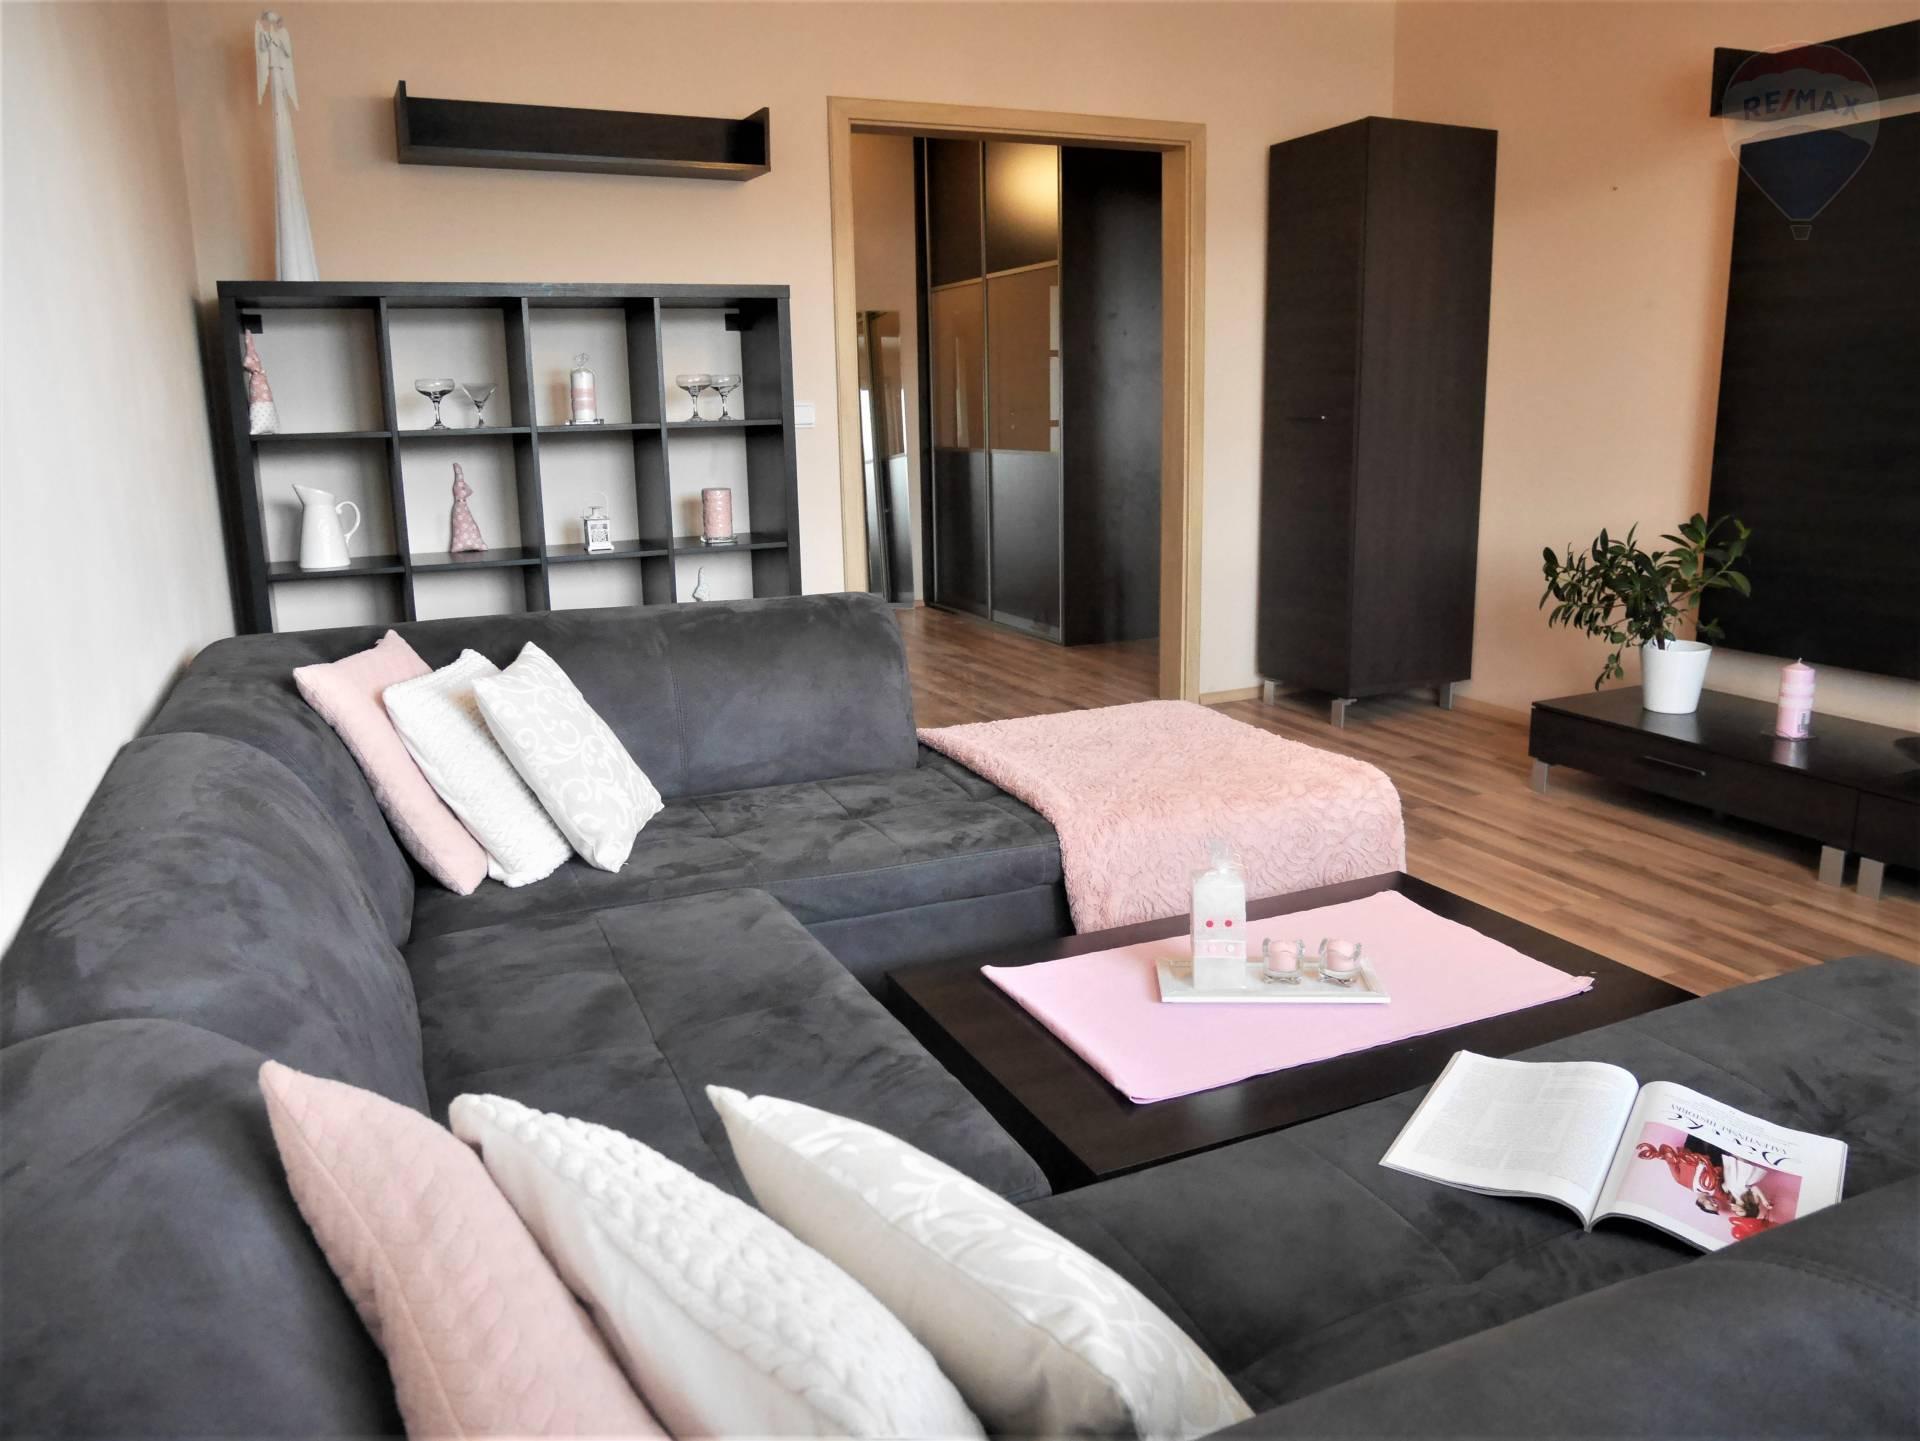 NA PRENÁJOM!!! 3.izbový byt v Necpaloch, výťah, lodžia